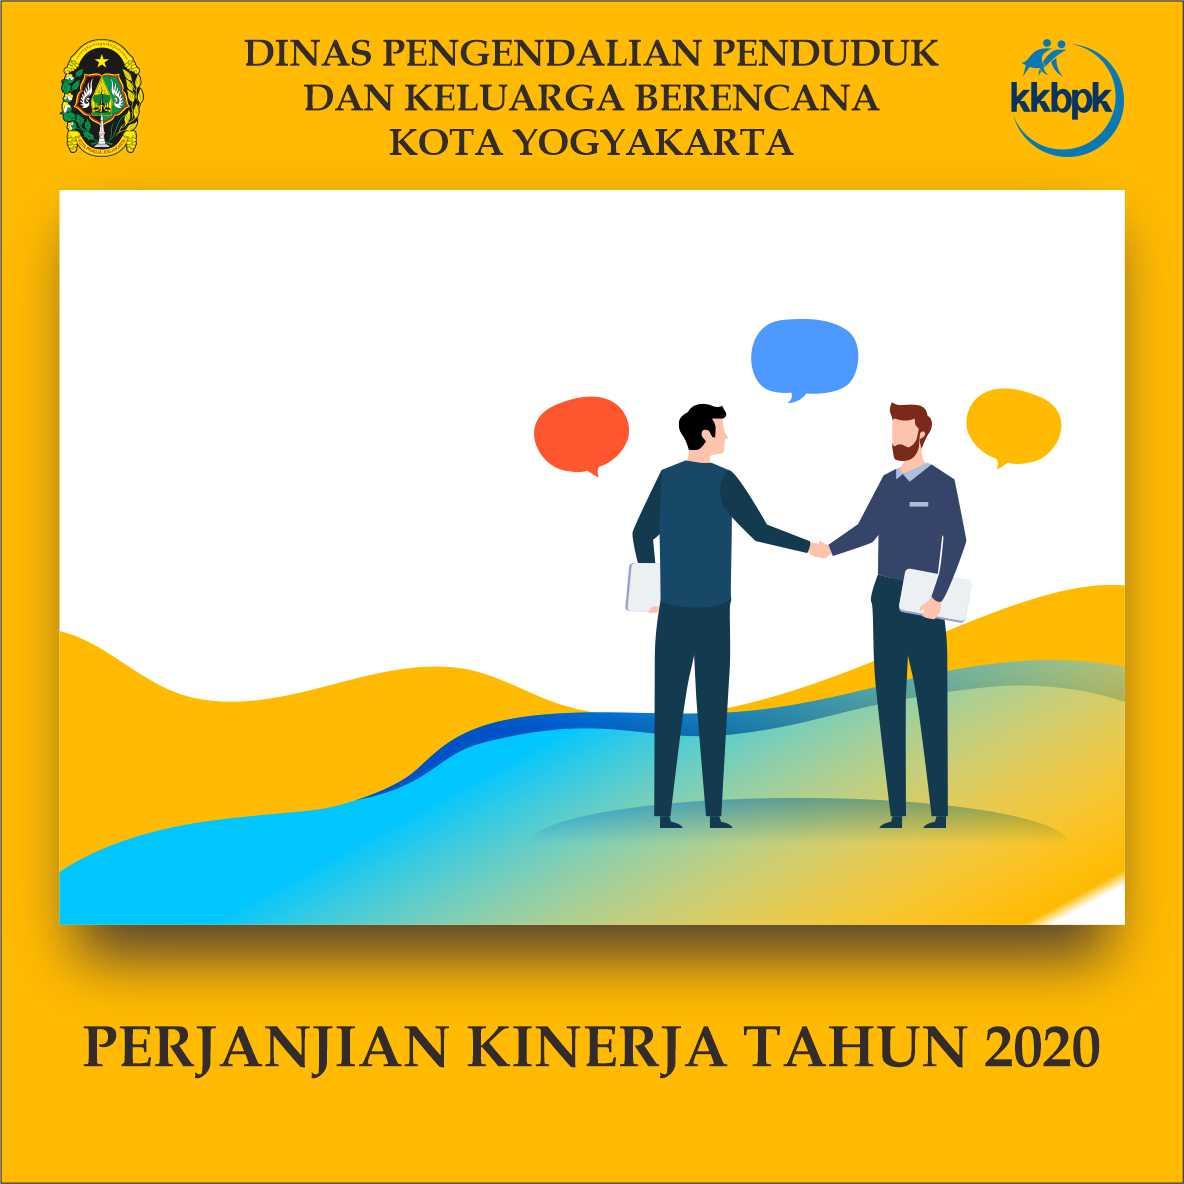 Perjanjian Kinerja Tahun 2020